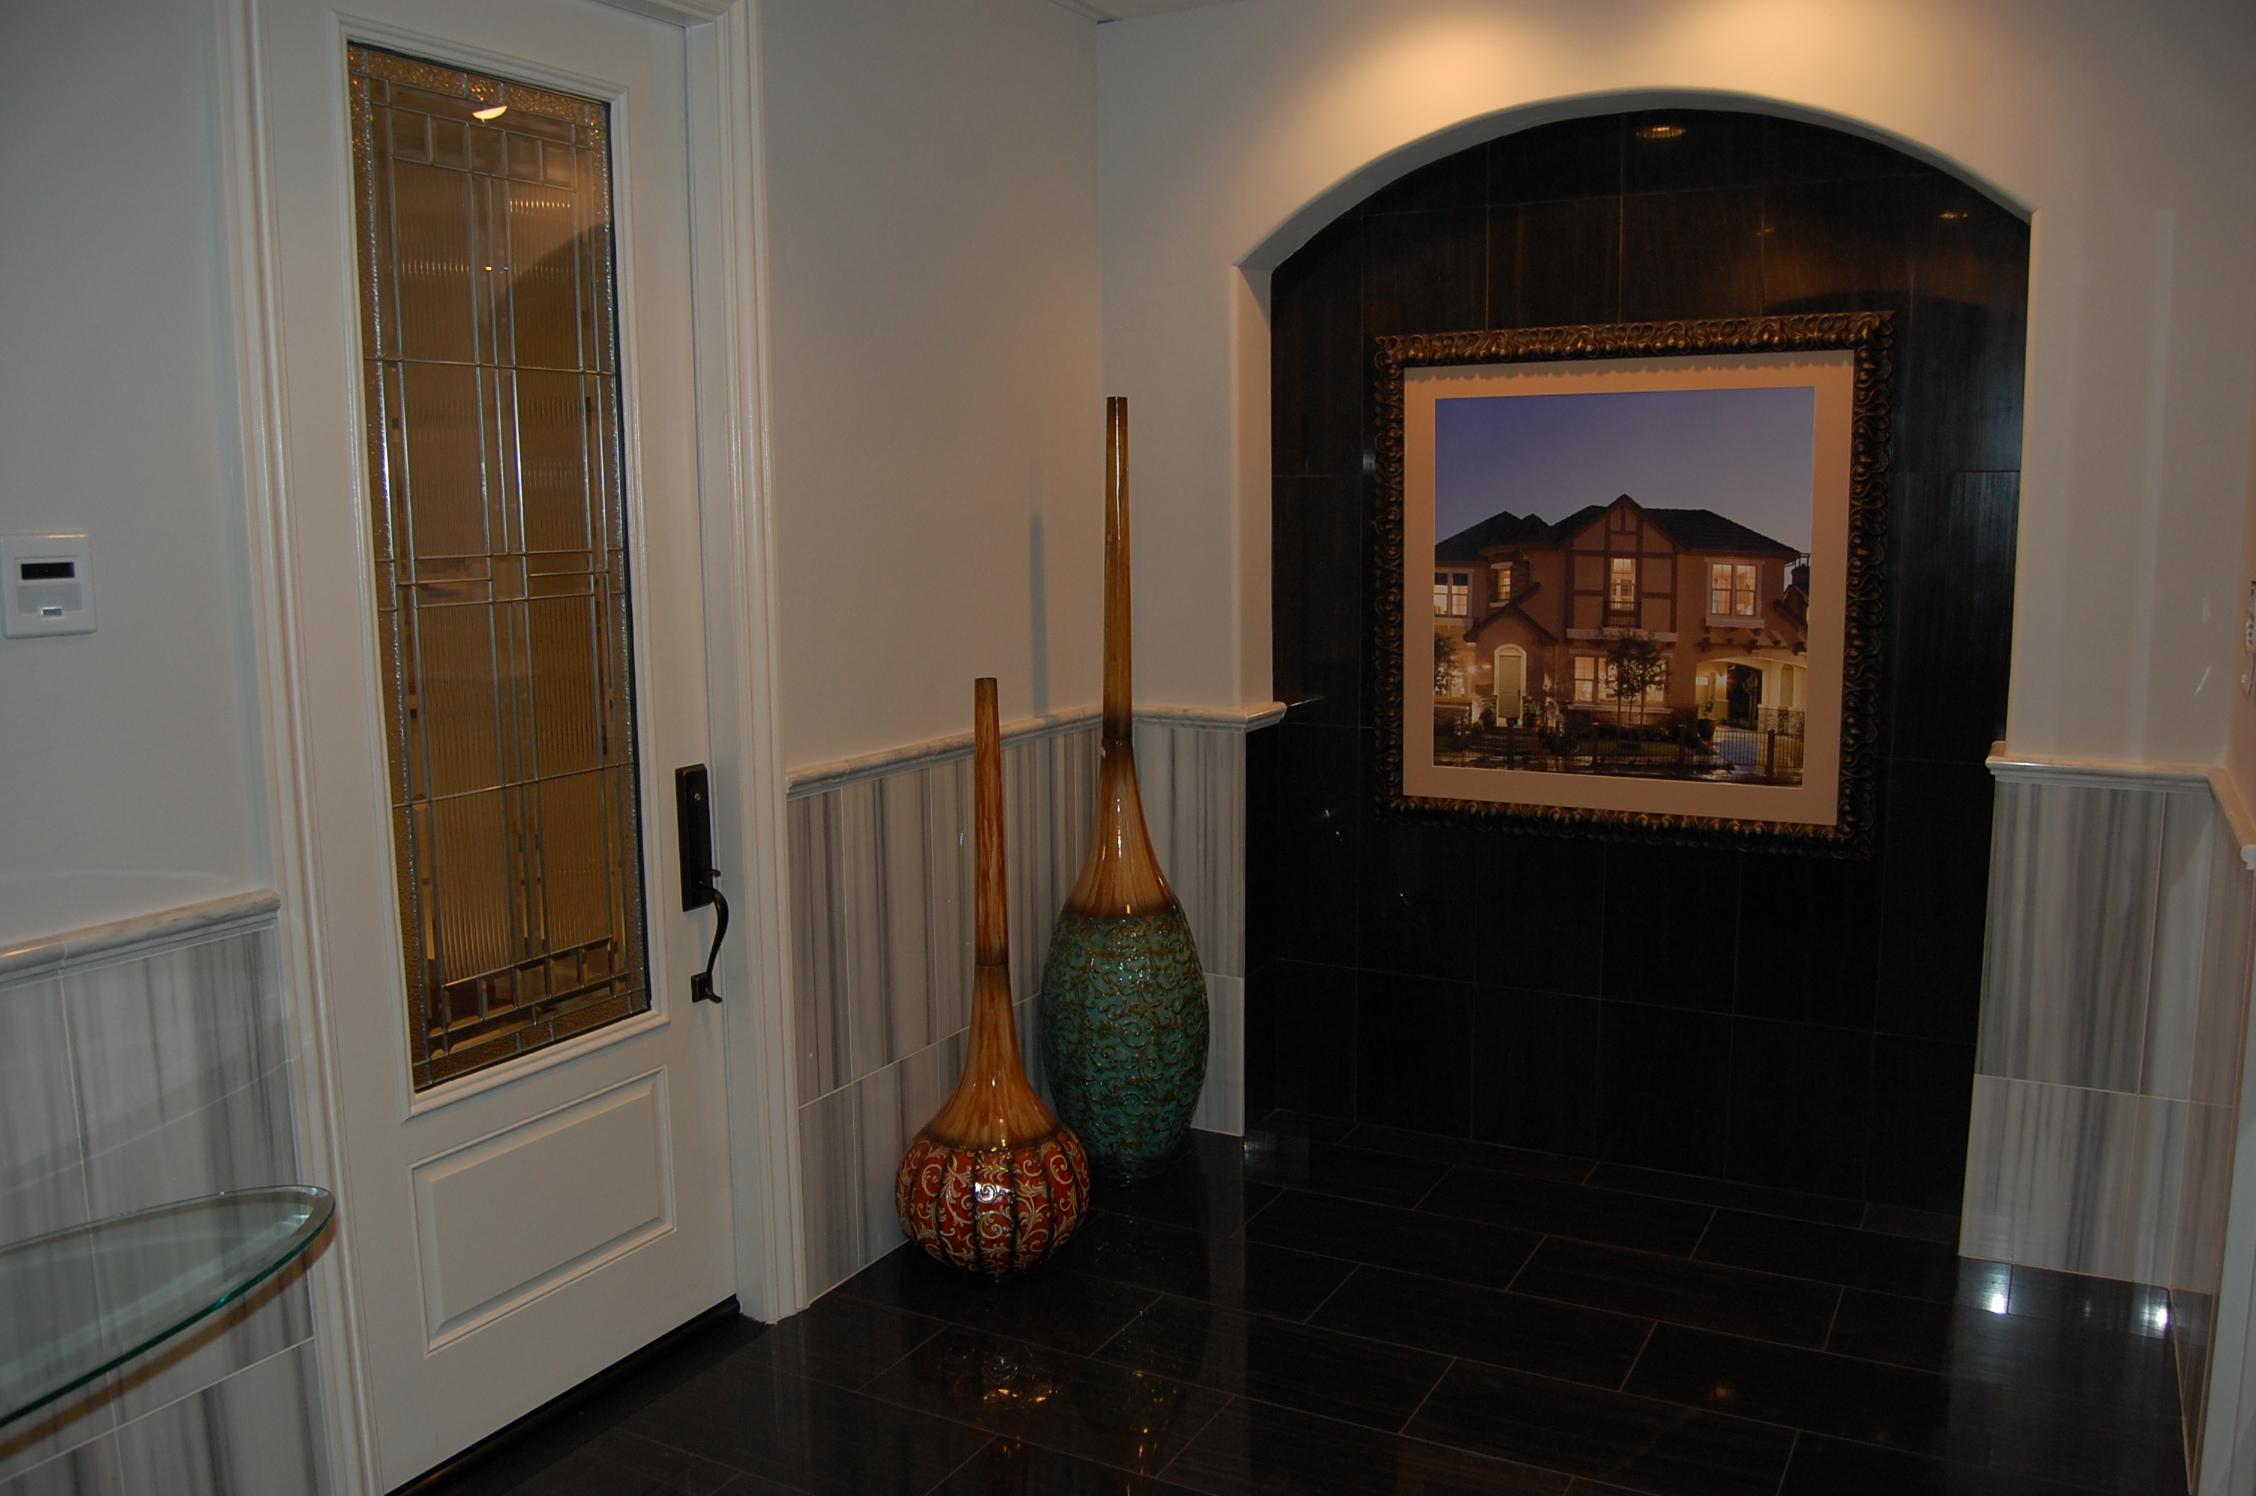 Discovery homes design center concord - Home decor ideas